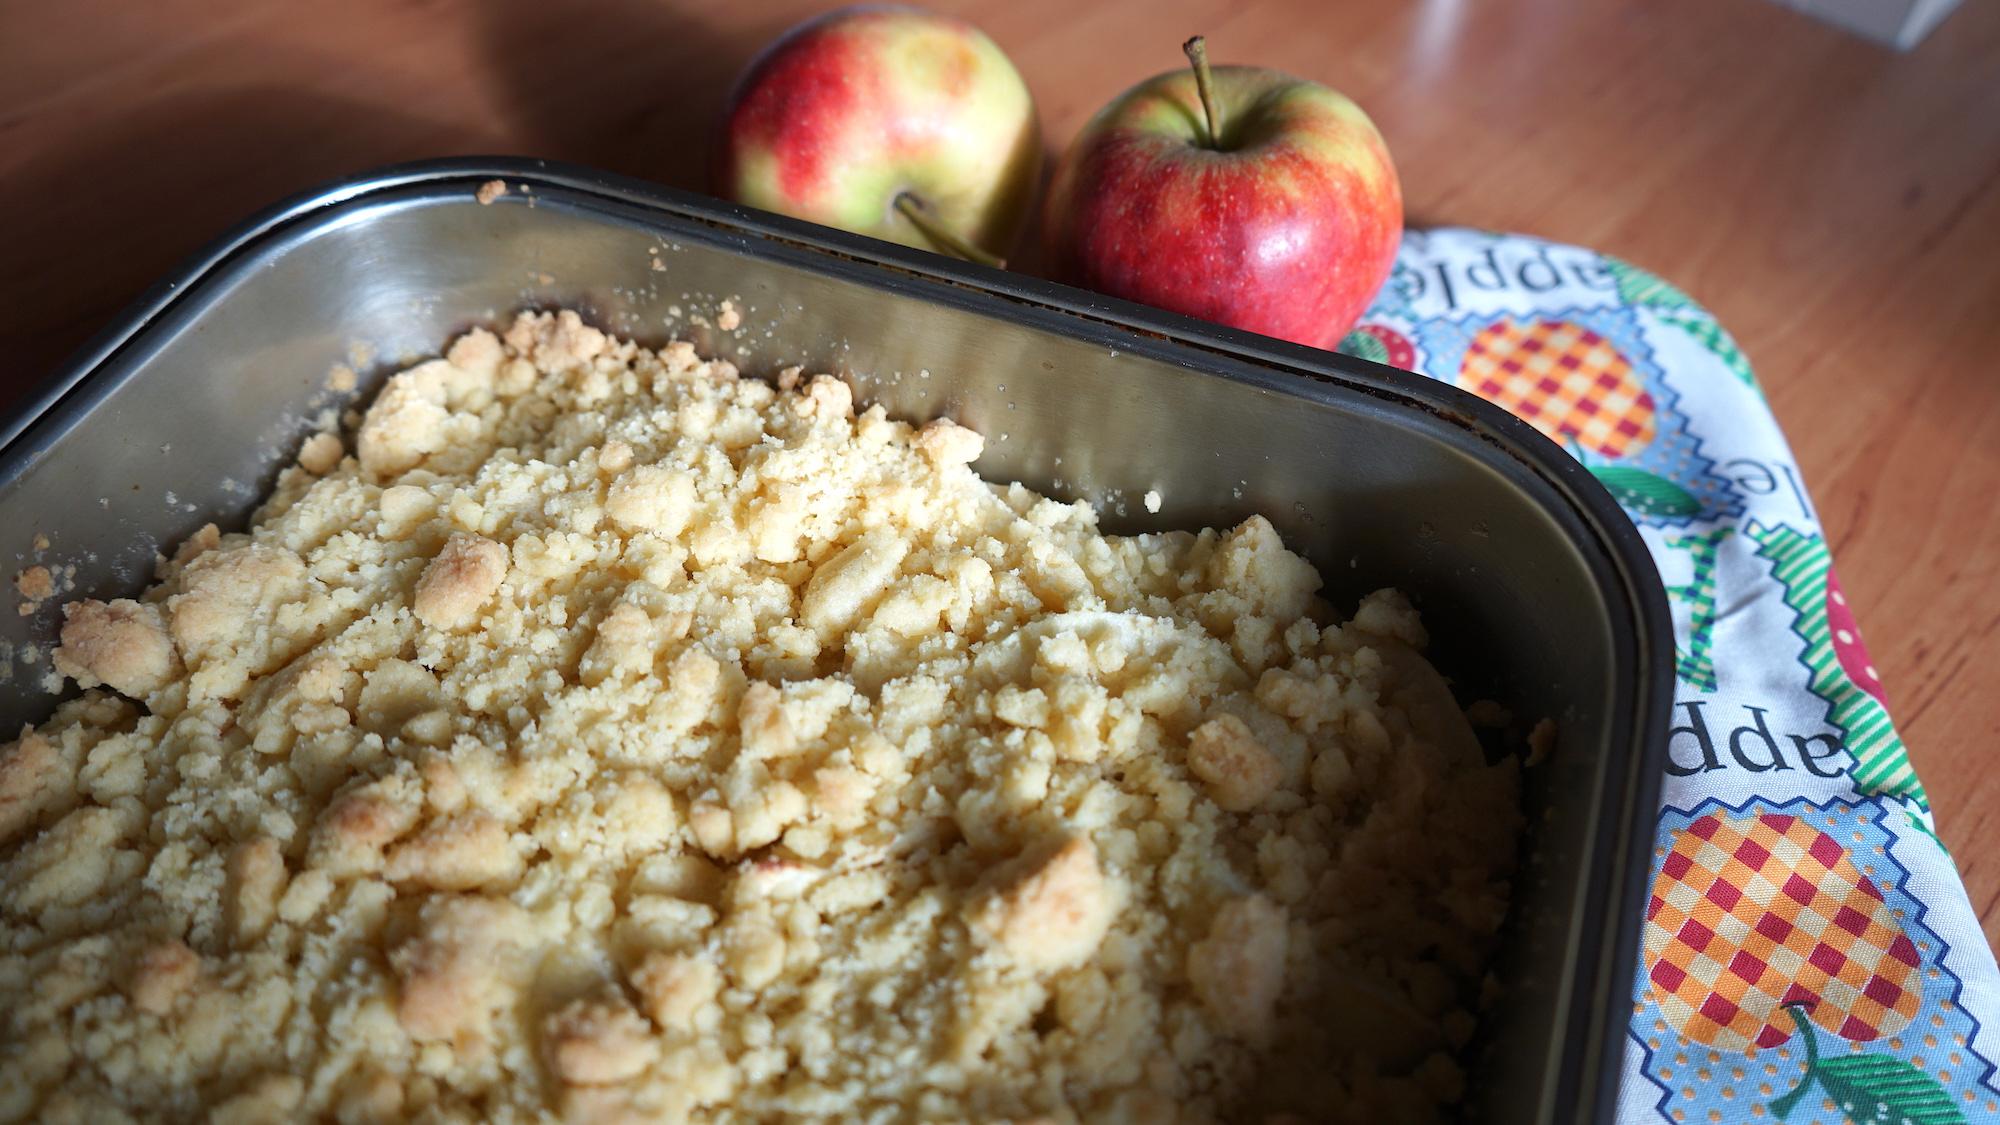 Nördliches Harzvorland: Apfel Crumble nach dem Rezept der Landfrauen / Beate Ziehres